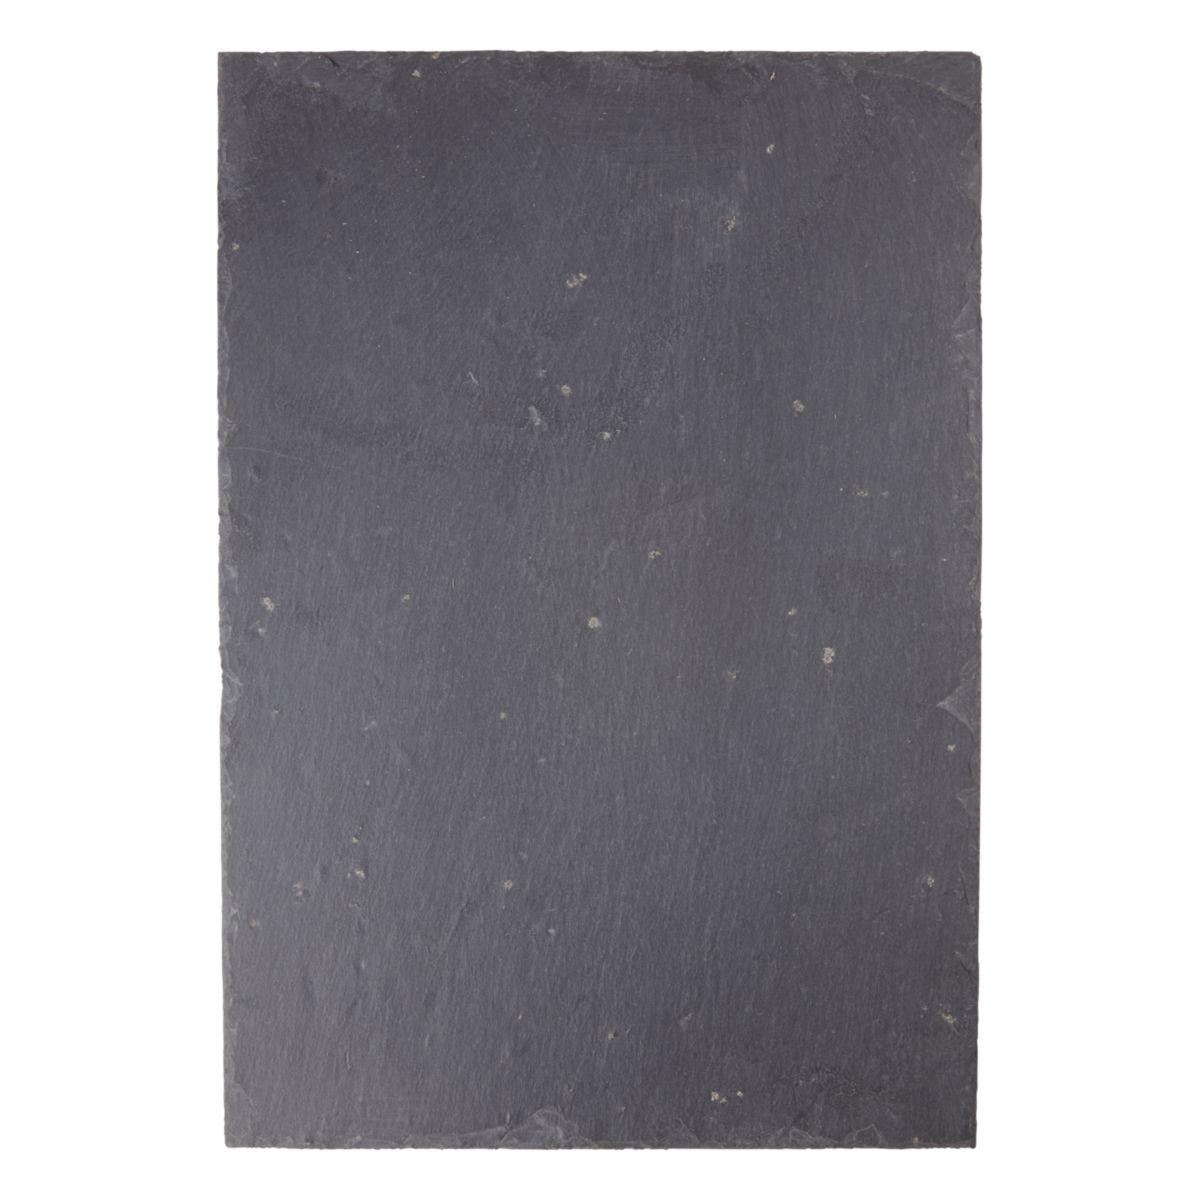 Ardoise naturelle d'Espagne Cufica 1AS gris foncé - 32x22cm ép. forte